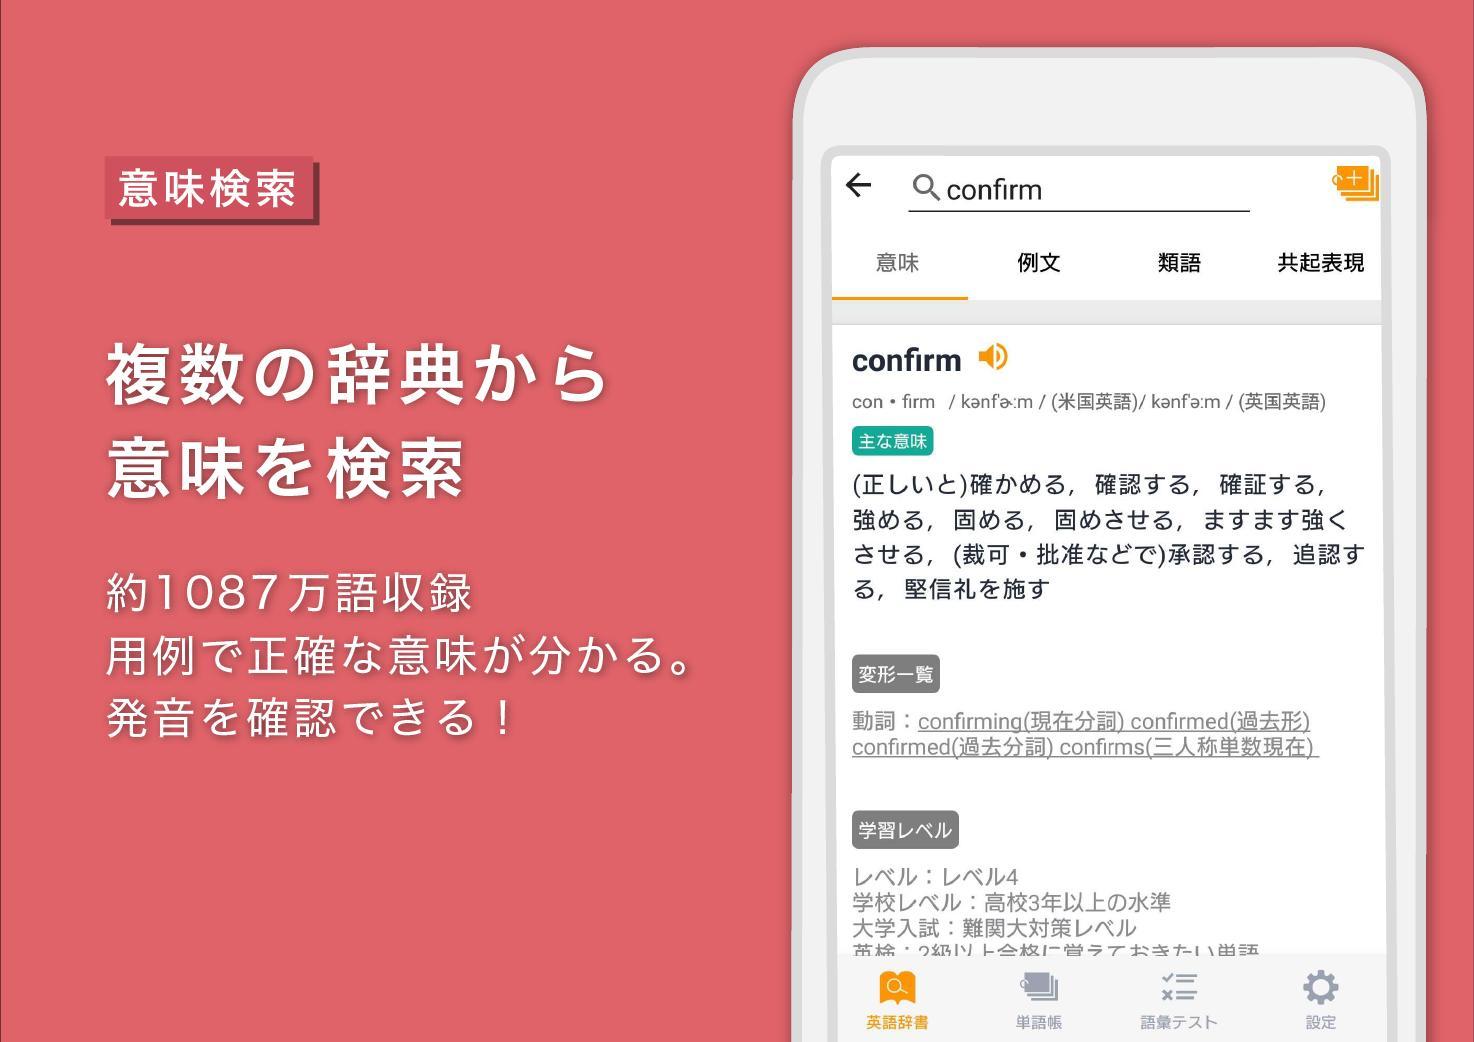 アプリ 英訳